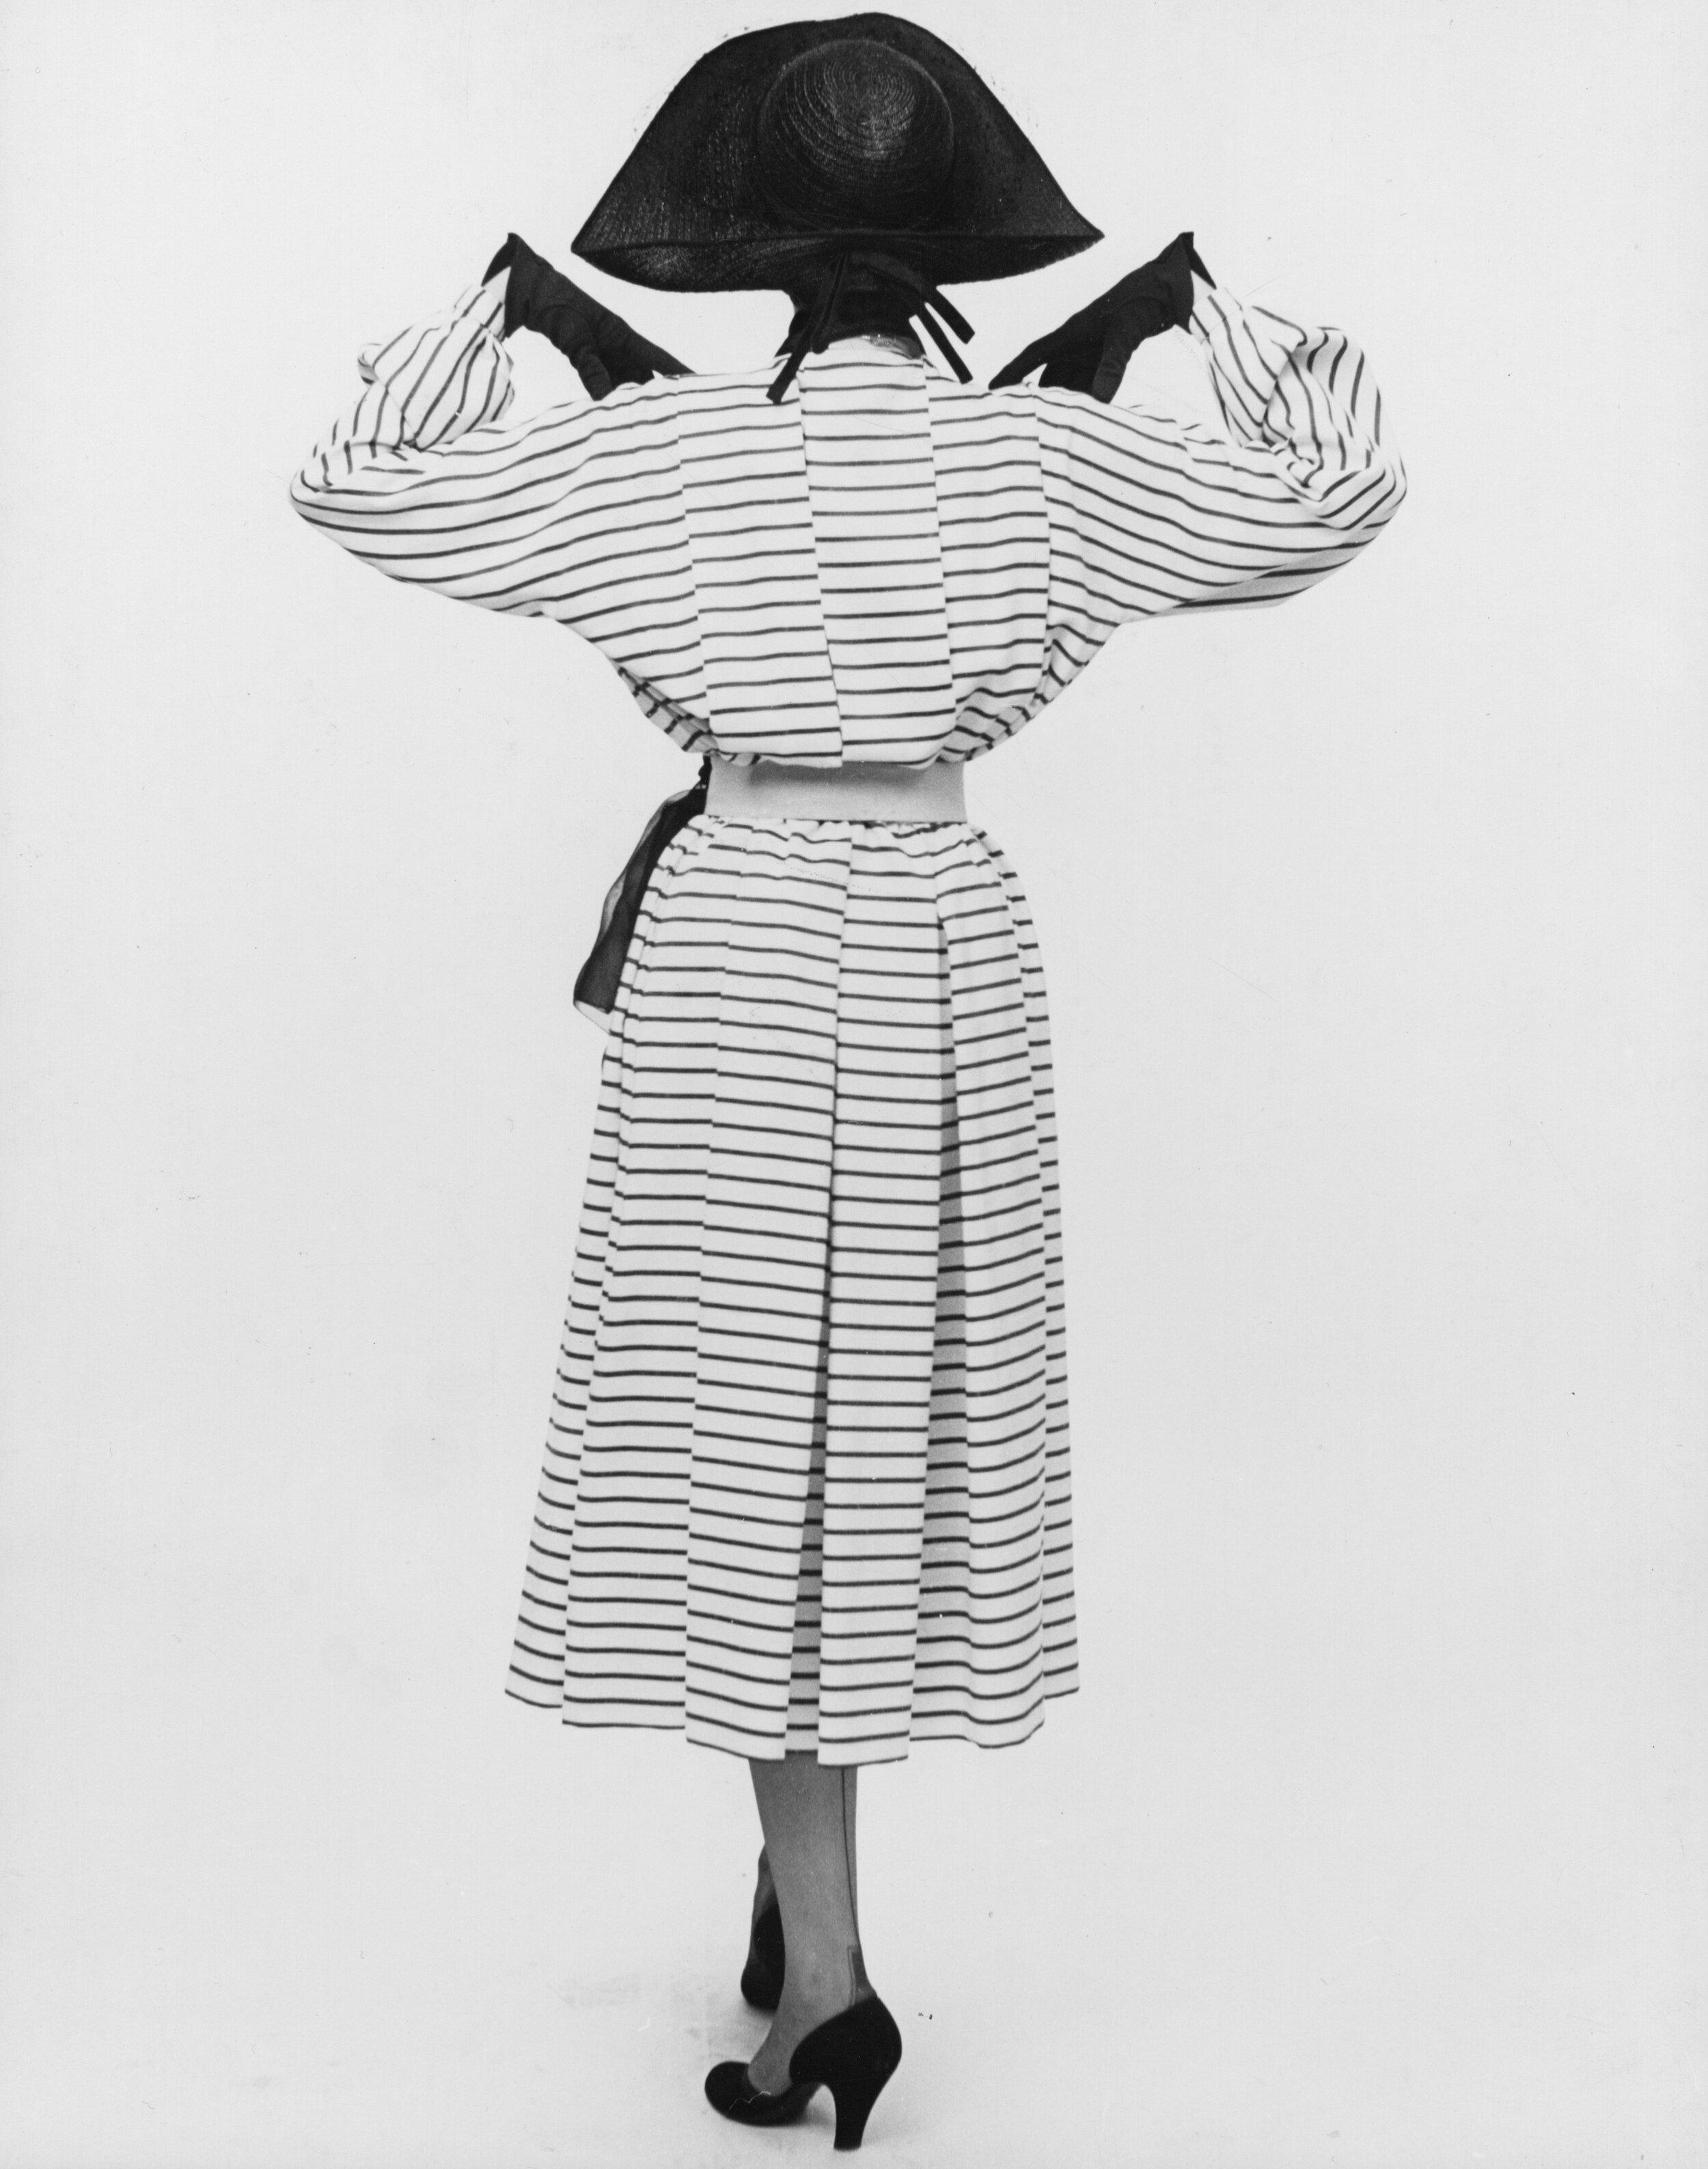 00104-Dan-Wynn-Fashion-A-00040.jpg